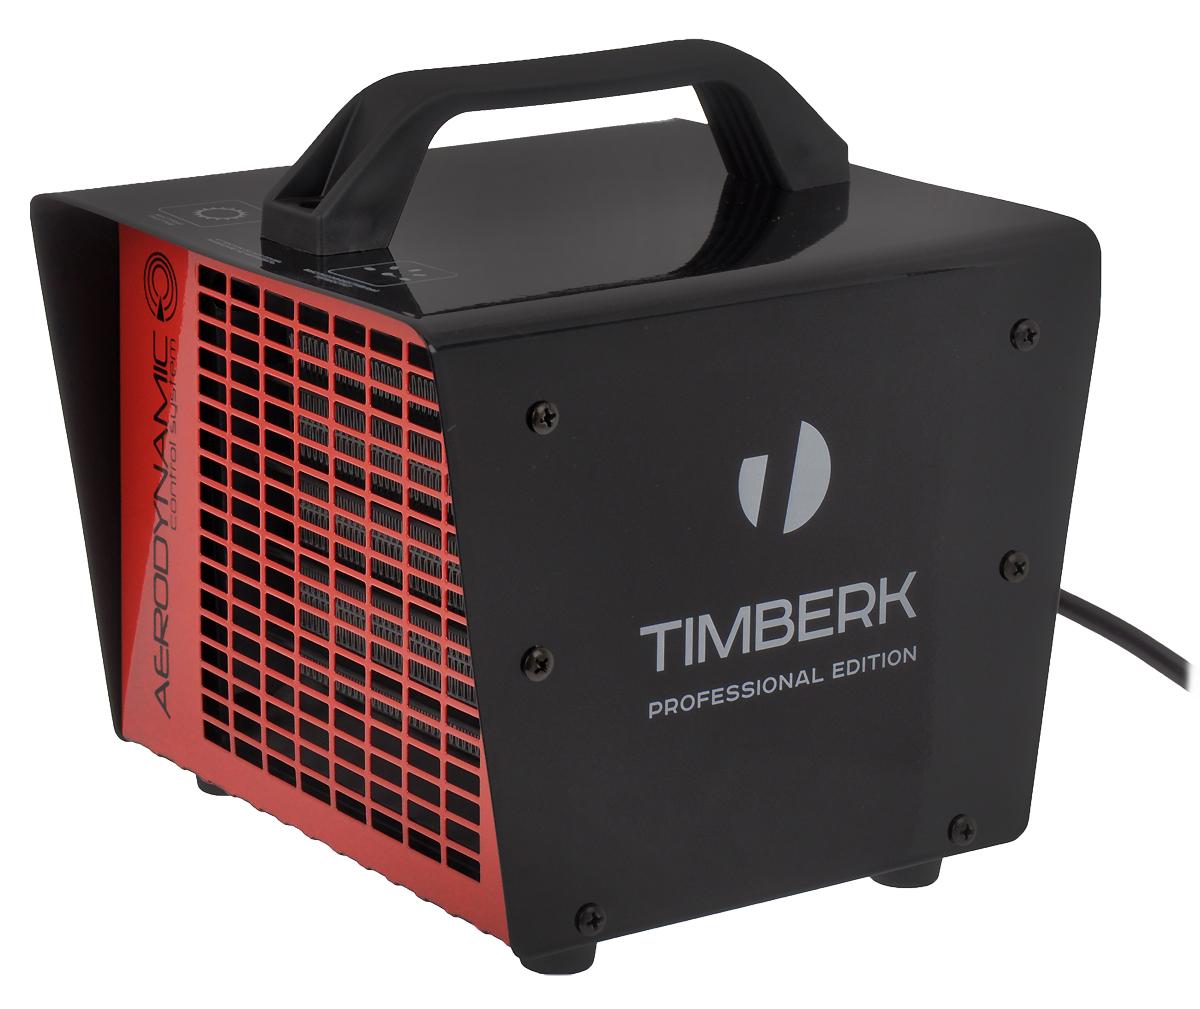 Timberk TFH T20MDR тепловентиляторTFH T20MDRТепловентилятор Timberk TFH T20MDR обеспечивает мгновенный нагрев воздуха в помещении при довольно низком уровне шума. Нагревательный элемент в виде керамических пластин обеспечивает высокую теплоотдачу и практически не вызывает иссушения воздуха в обогреваемом помещении. Для удобства транспортировки прибор оснащен эргономичной ручкой. Компактный размер и уникальный дизайнРегулируемая мощность обогрева